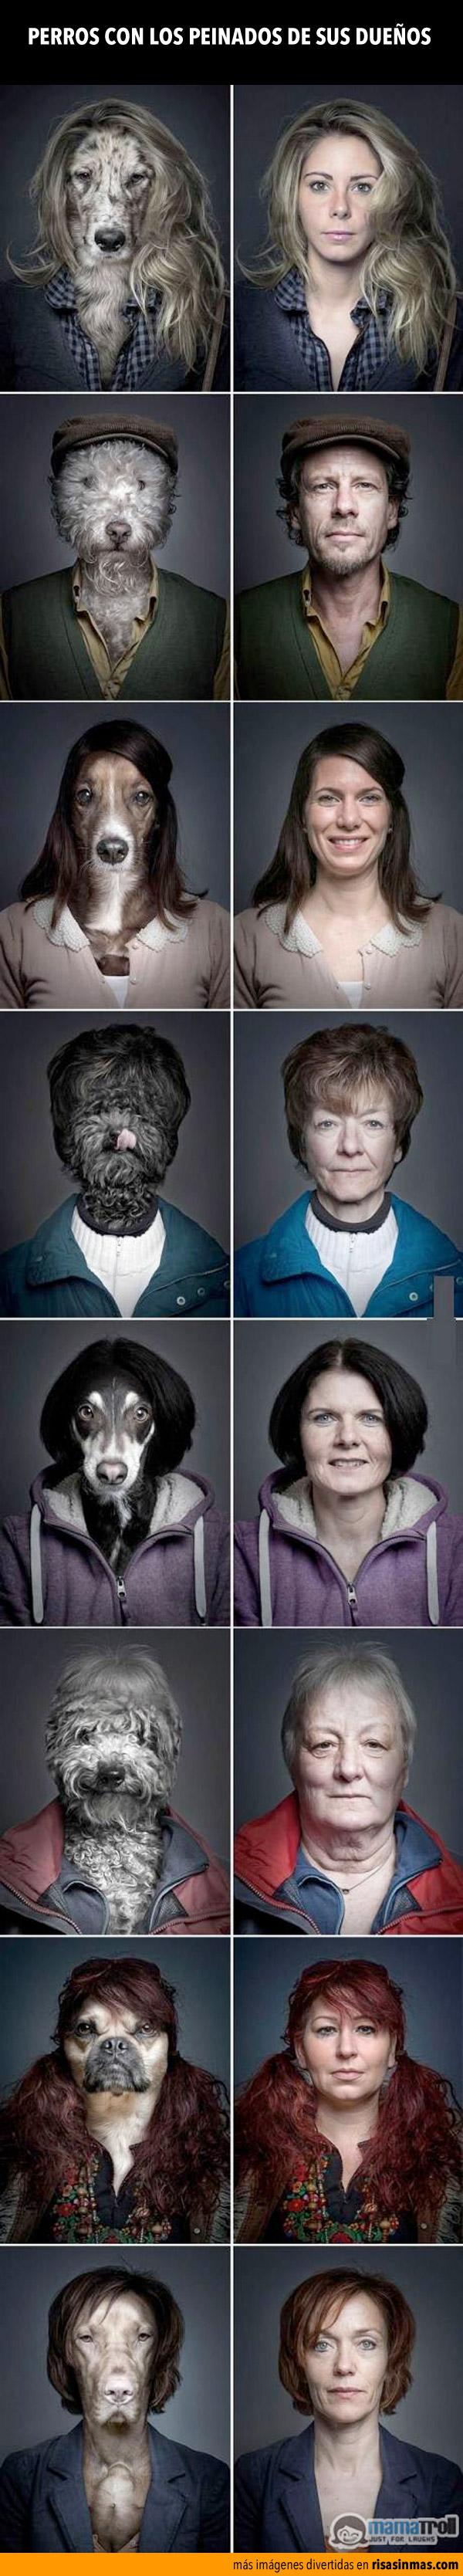 Perros con los peinados de sus dueños.